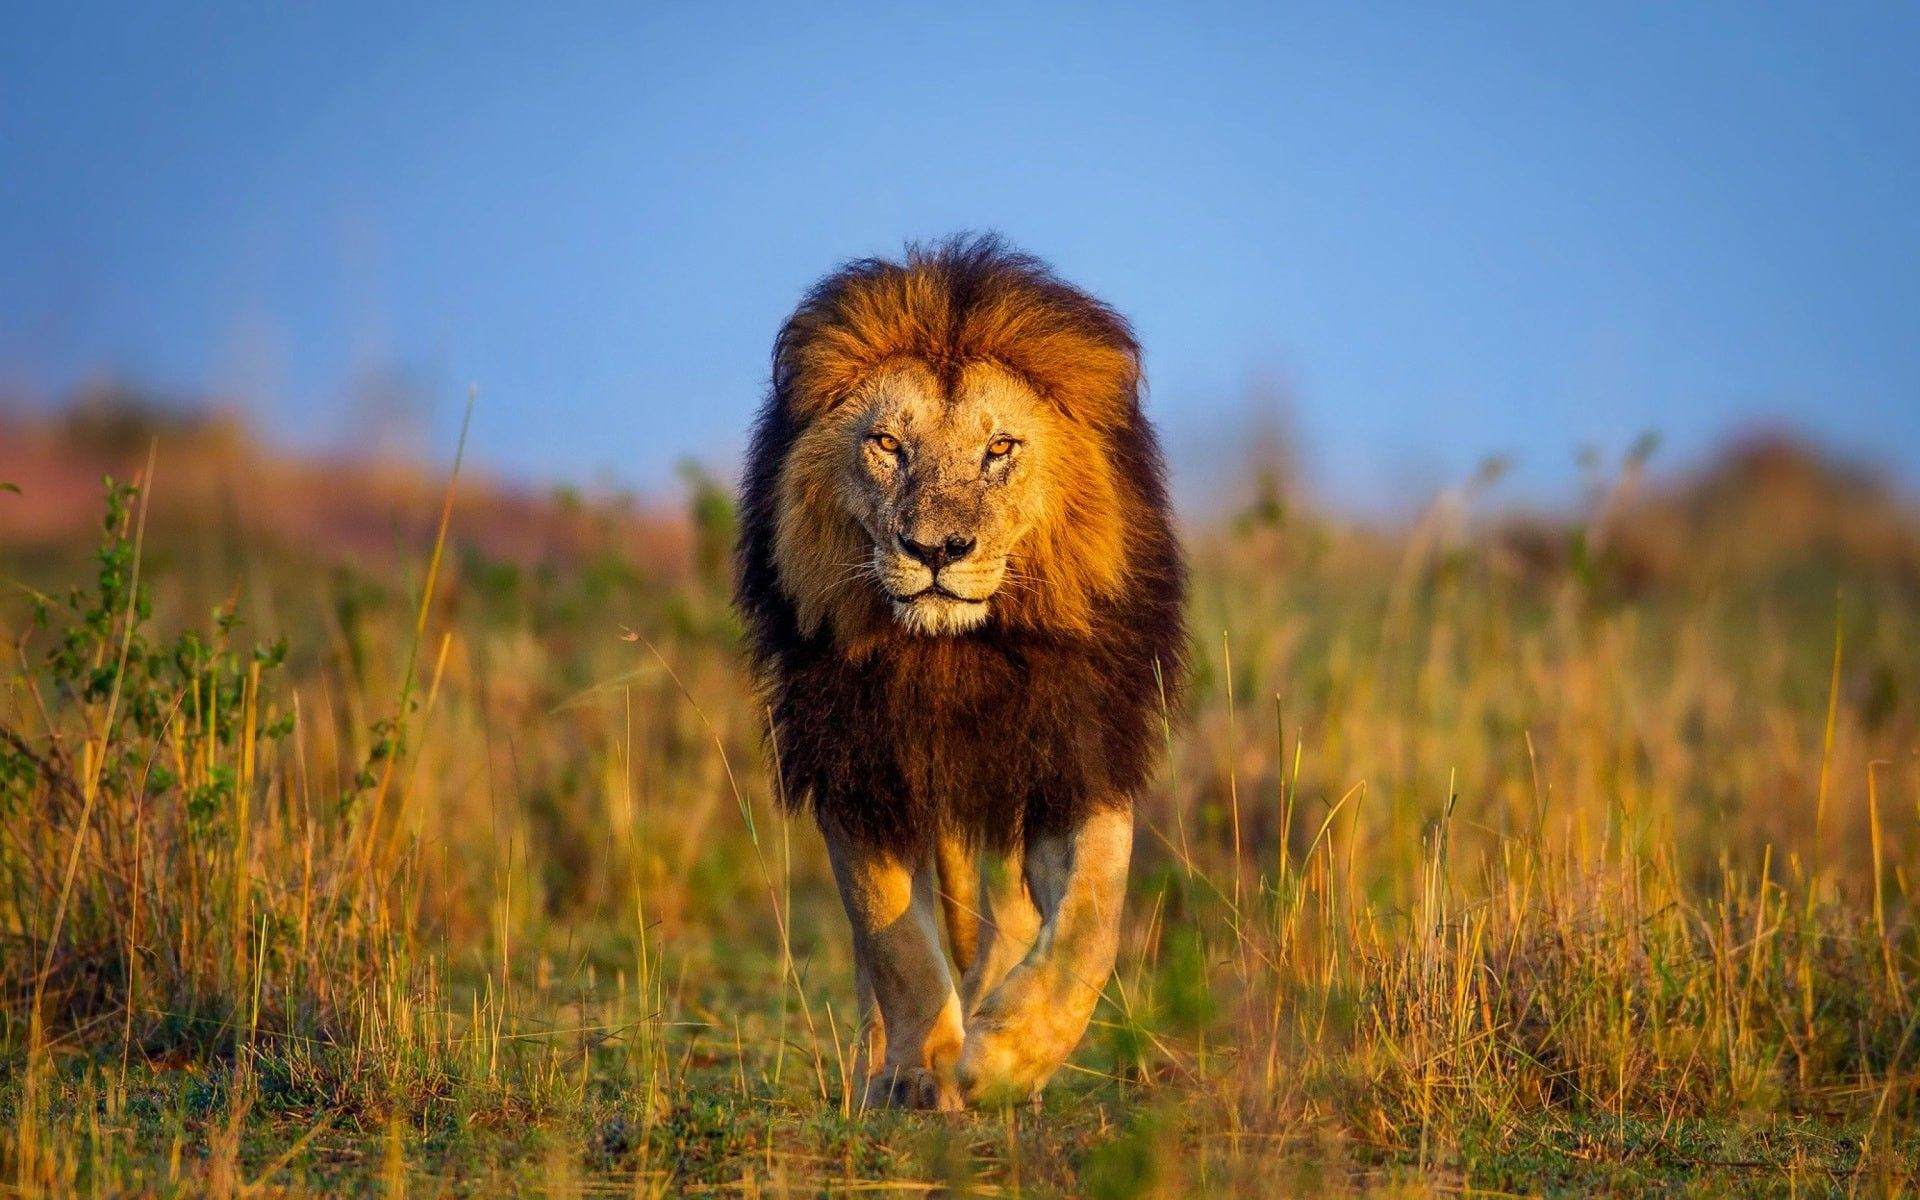 www lion images